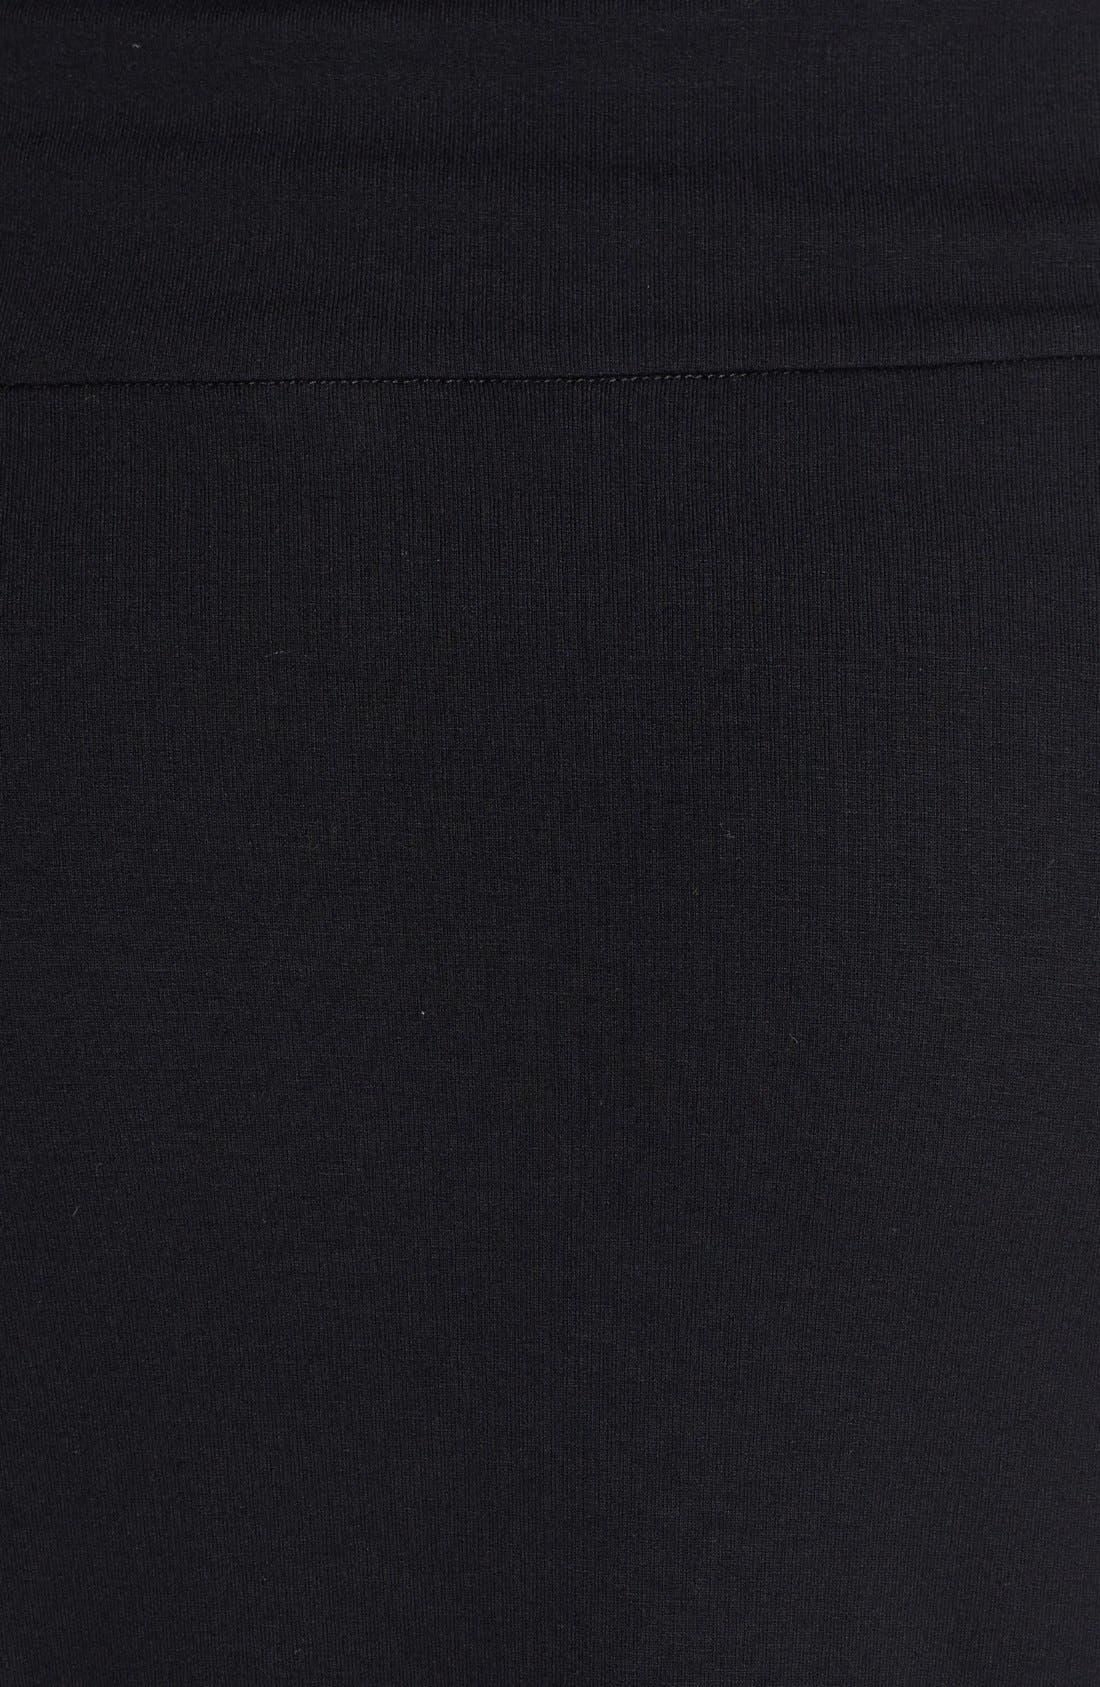 Foldover Waist Straight Skirt,                             Alternate thumbnail 4, color,                             001